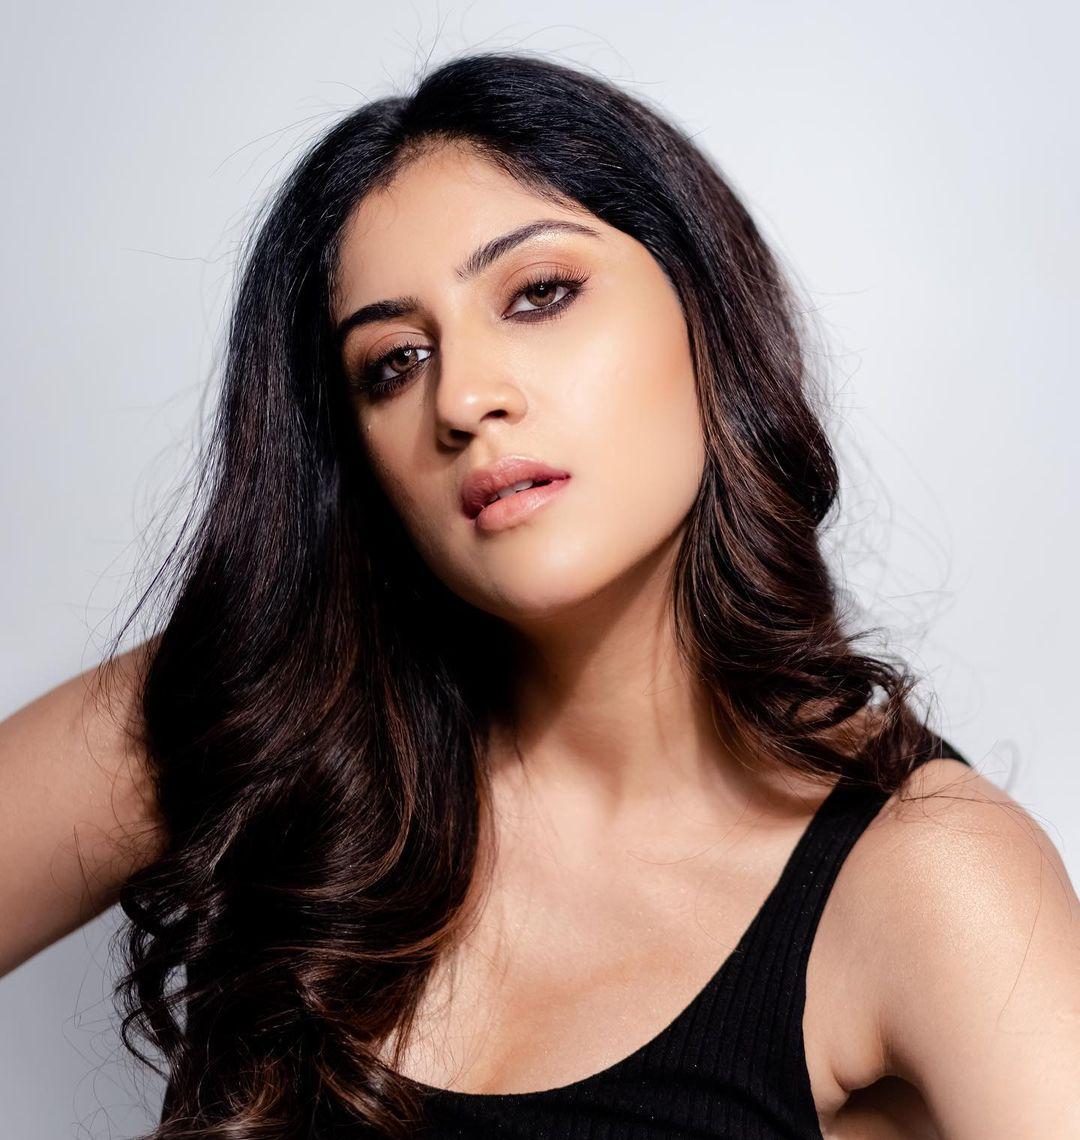 நடிகை தன்யா பாலகிருஷ்ணா ( Image :Instagram @dhanyabalakrishna)